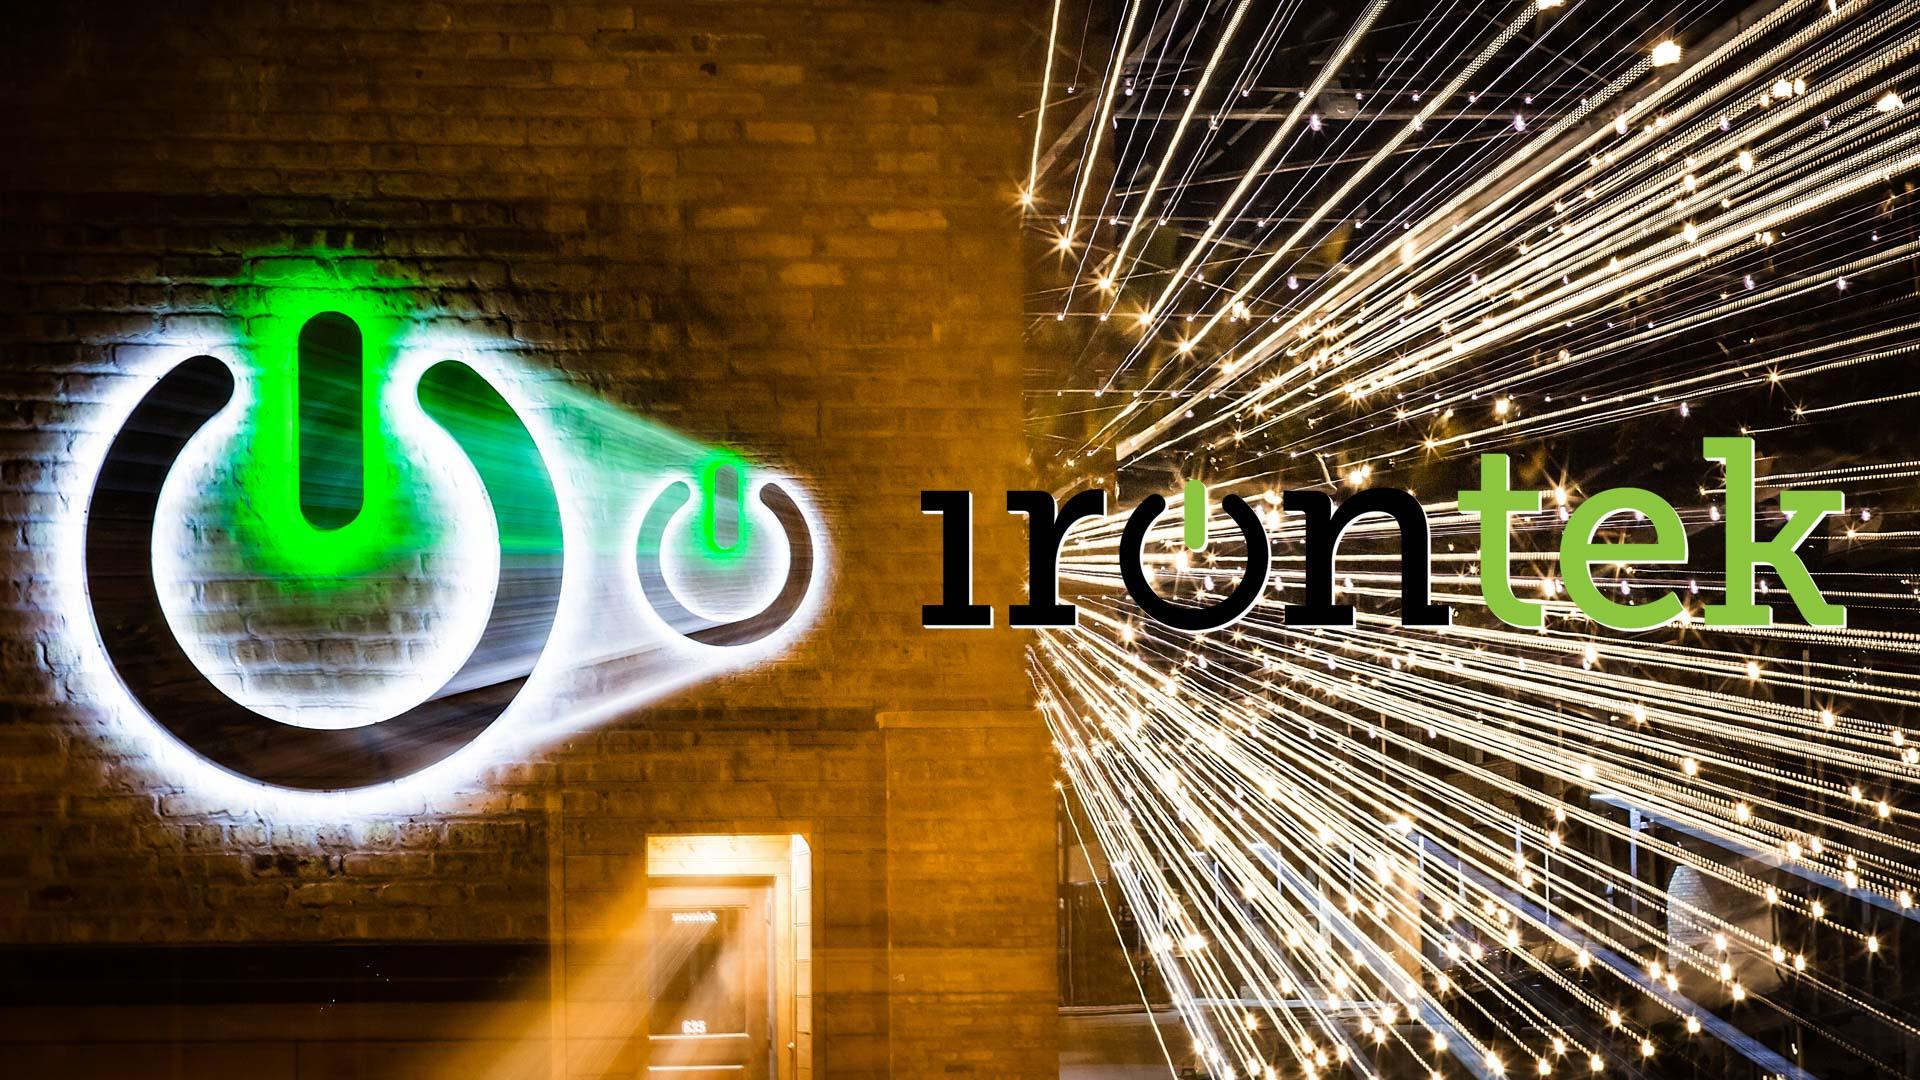 Irontek_building_peer_canvas.jpg